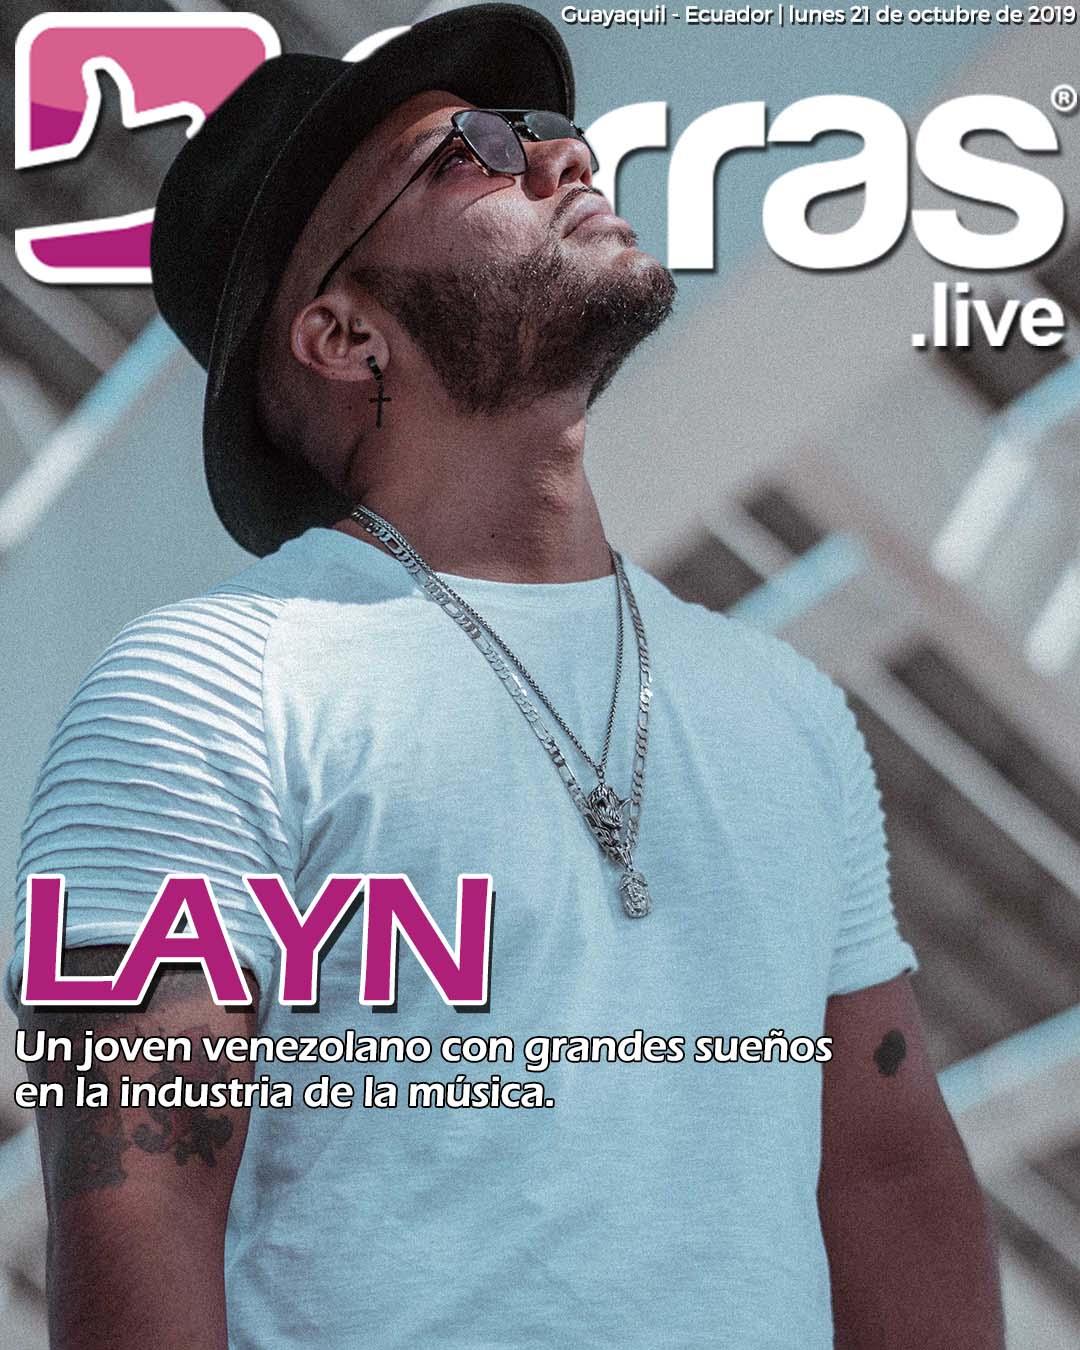 PRENSA LAYN5 - copia